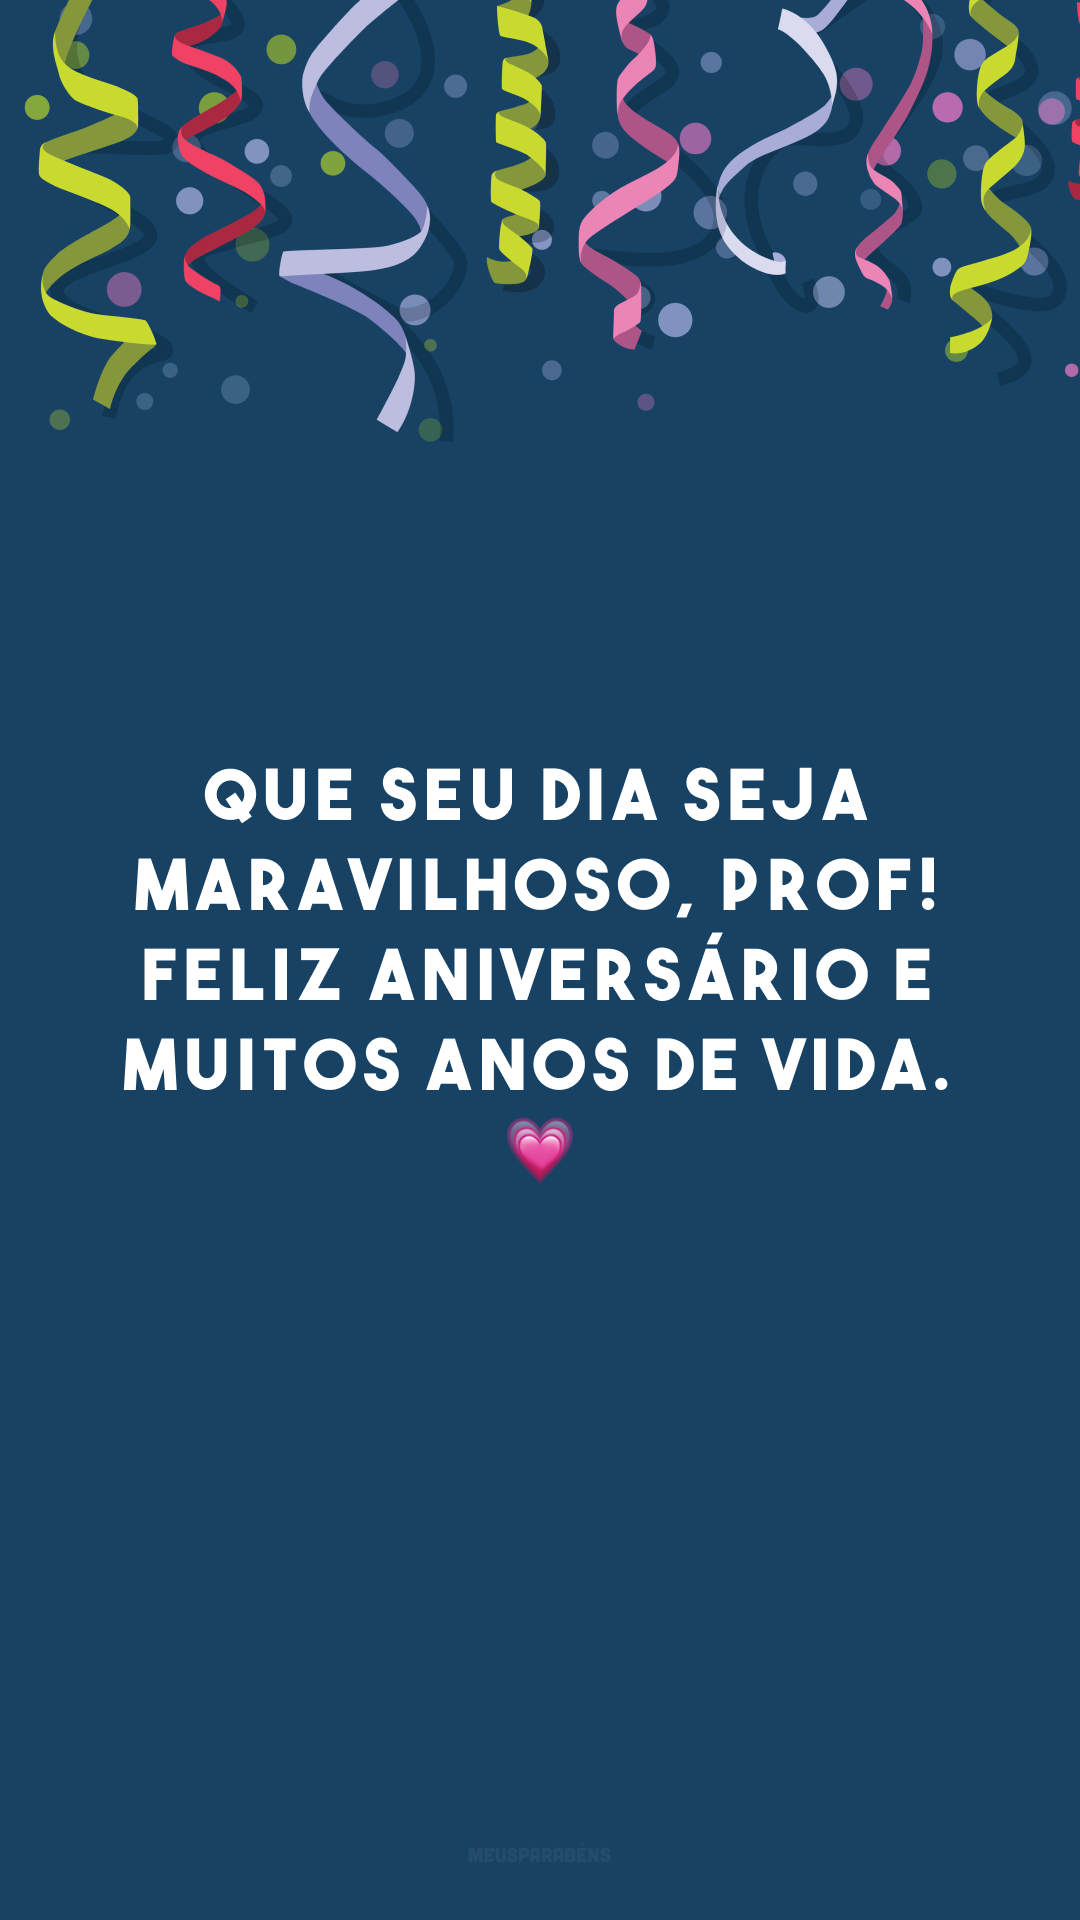 Que seu dia seja maravilhoso, prof! Feliz aniversário e muitos anos de vida. 💗